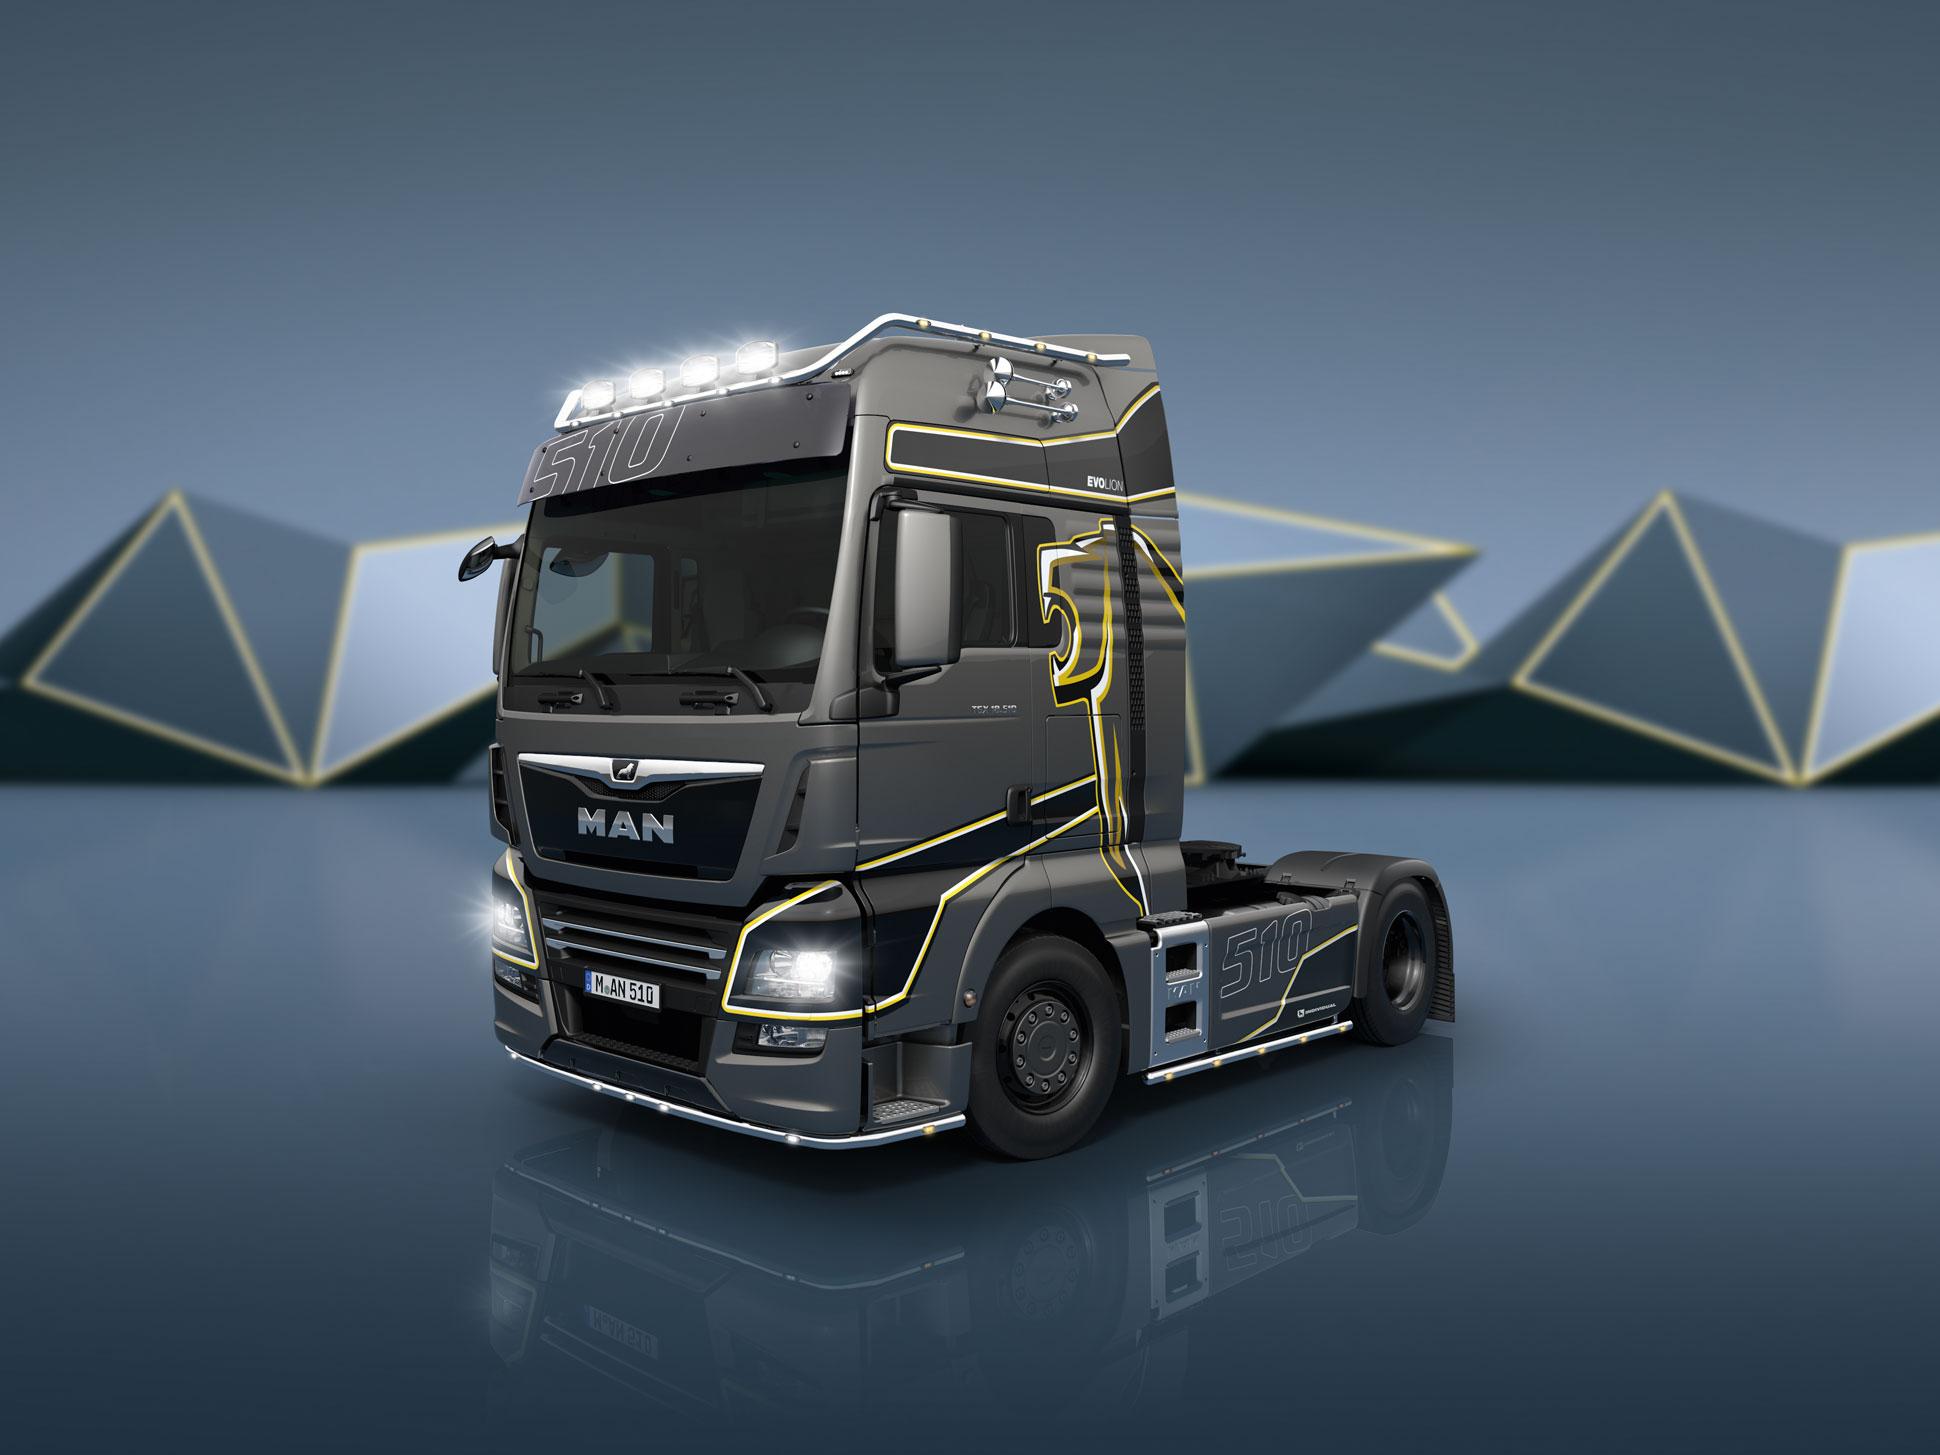 https://www truck man eu/de/en/trucks/model-overview/model